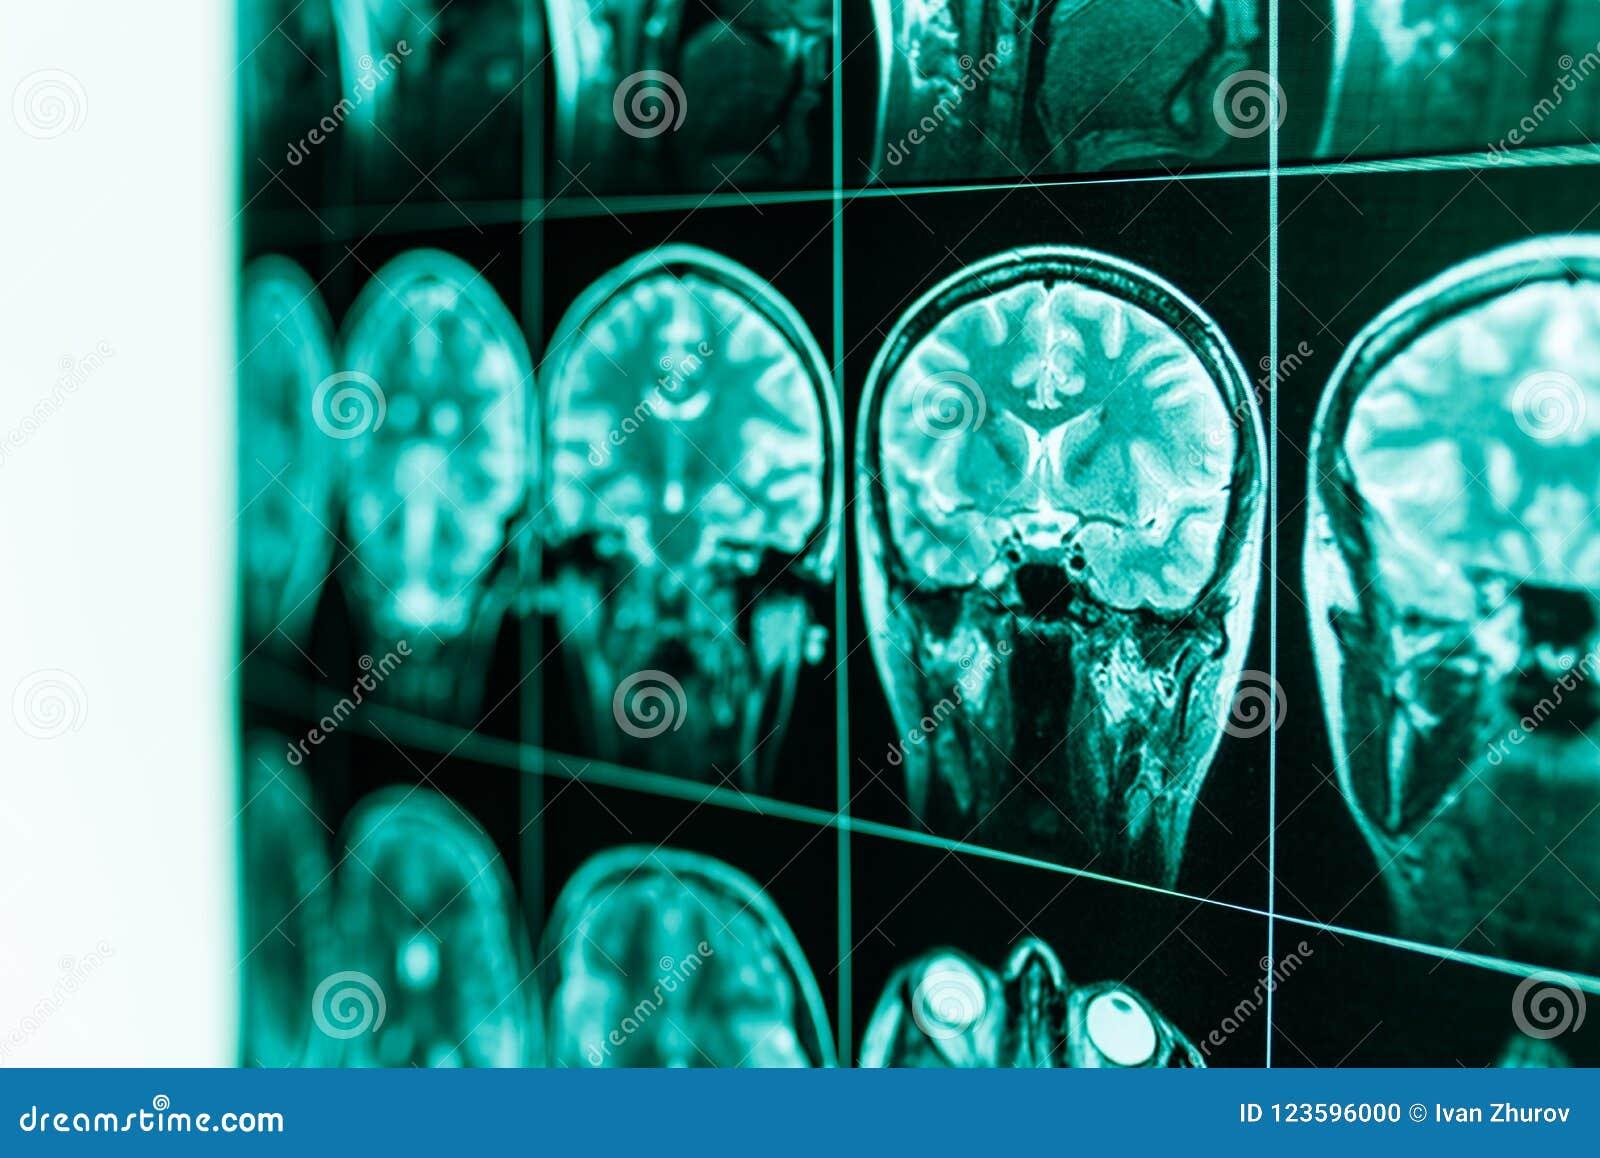 MRI of the human brain and brain in defocus